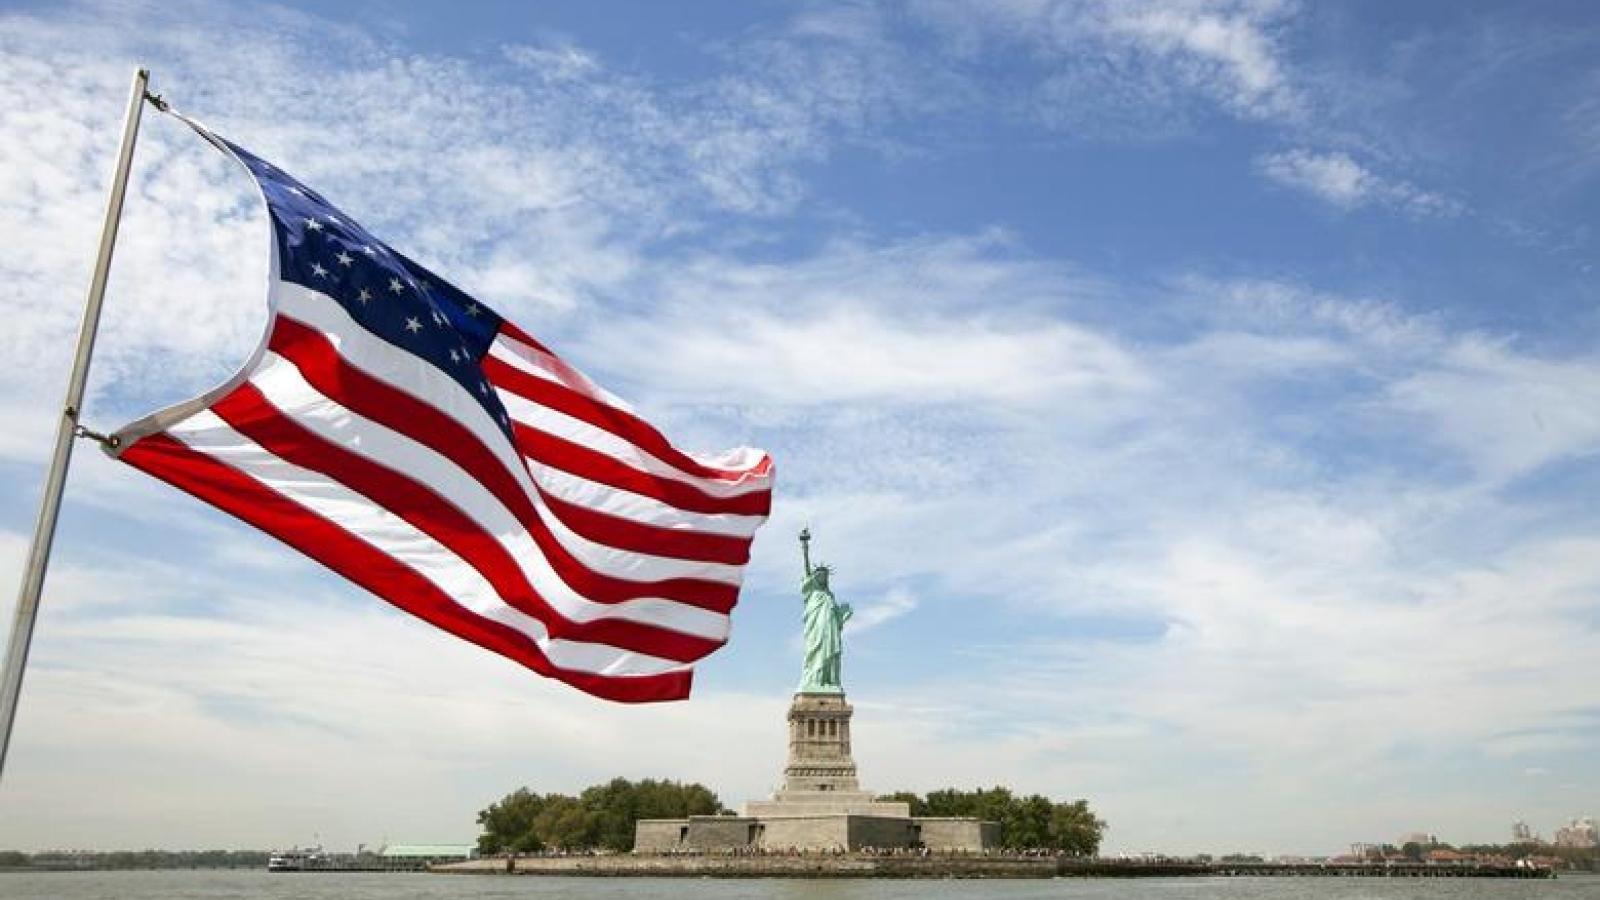 Năm 2020 đầy biến động của nước Mỹ và những trắc trở phía trước